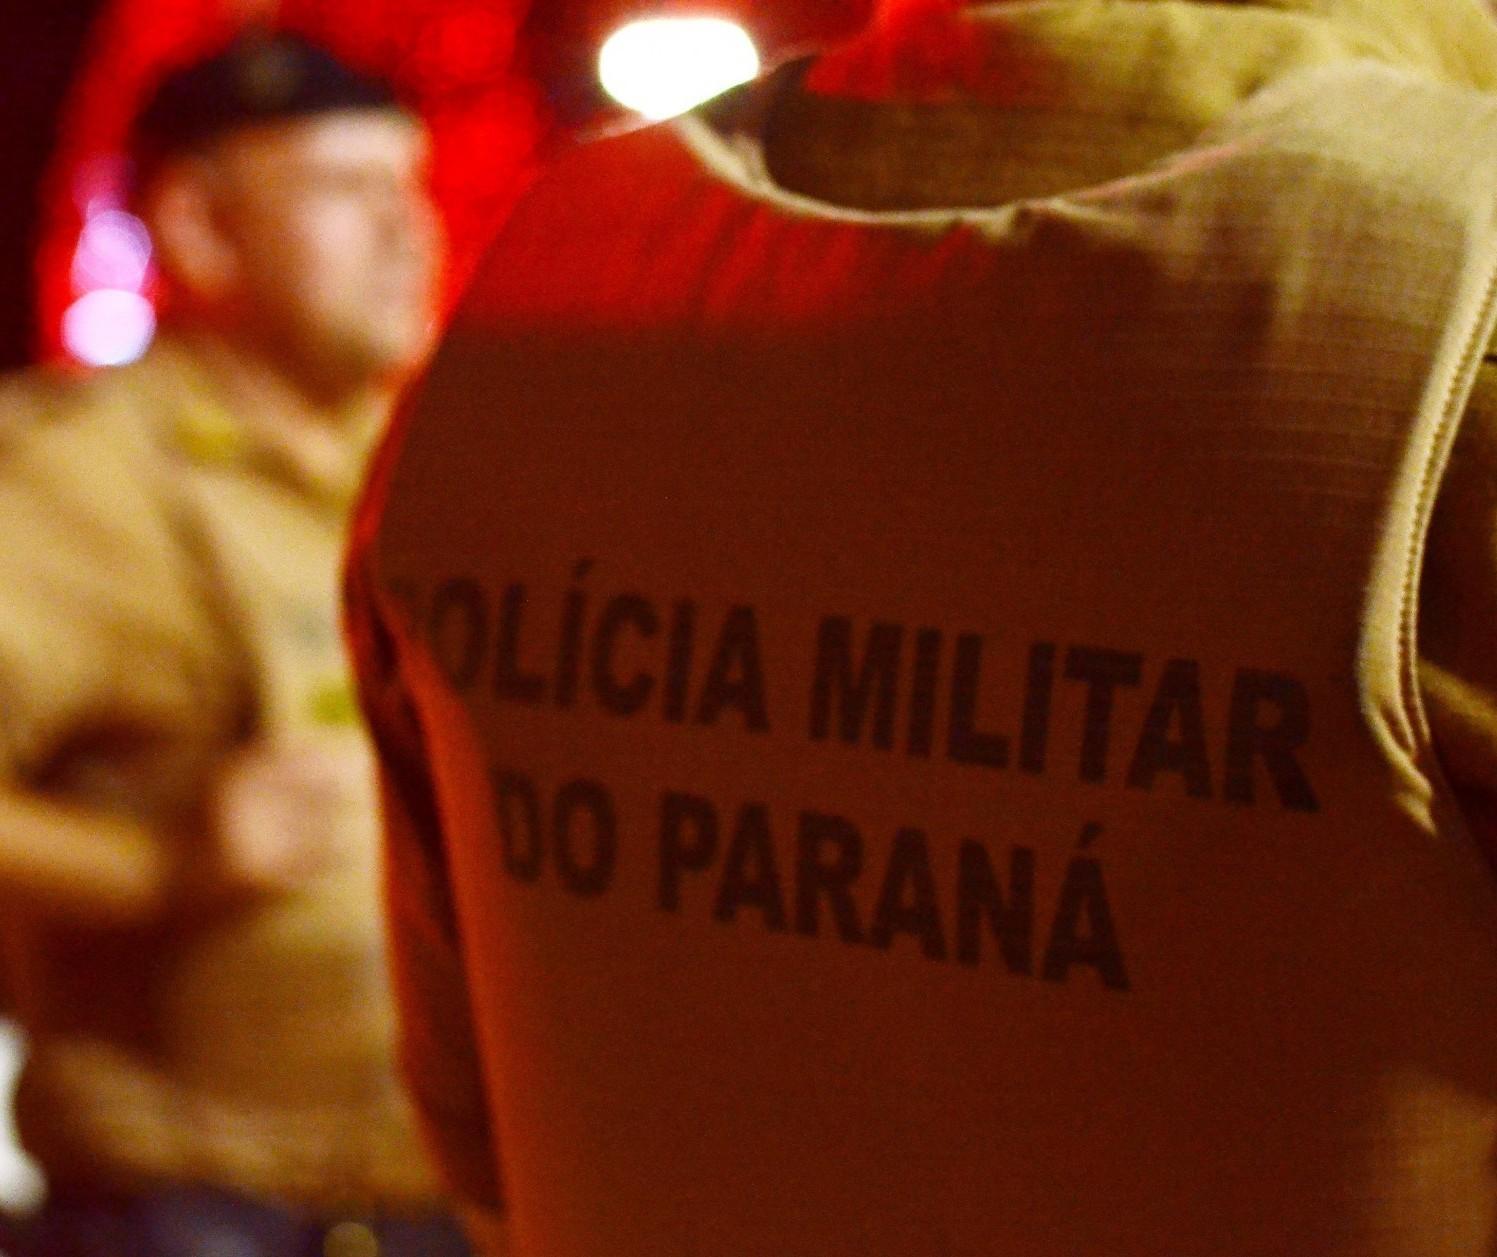 Filho mata pai a facadas em Alto Paraná, diz PM